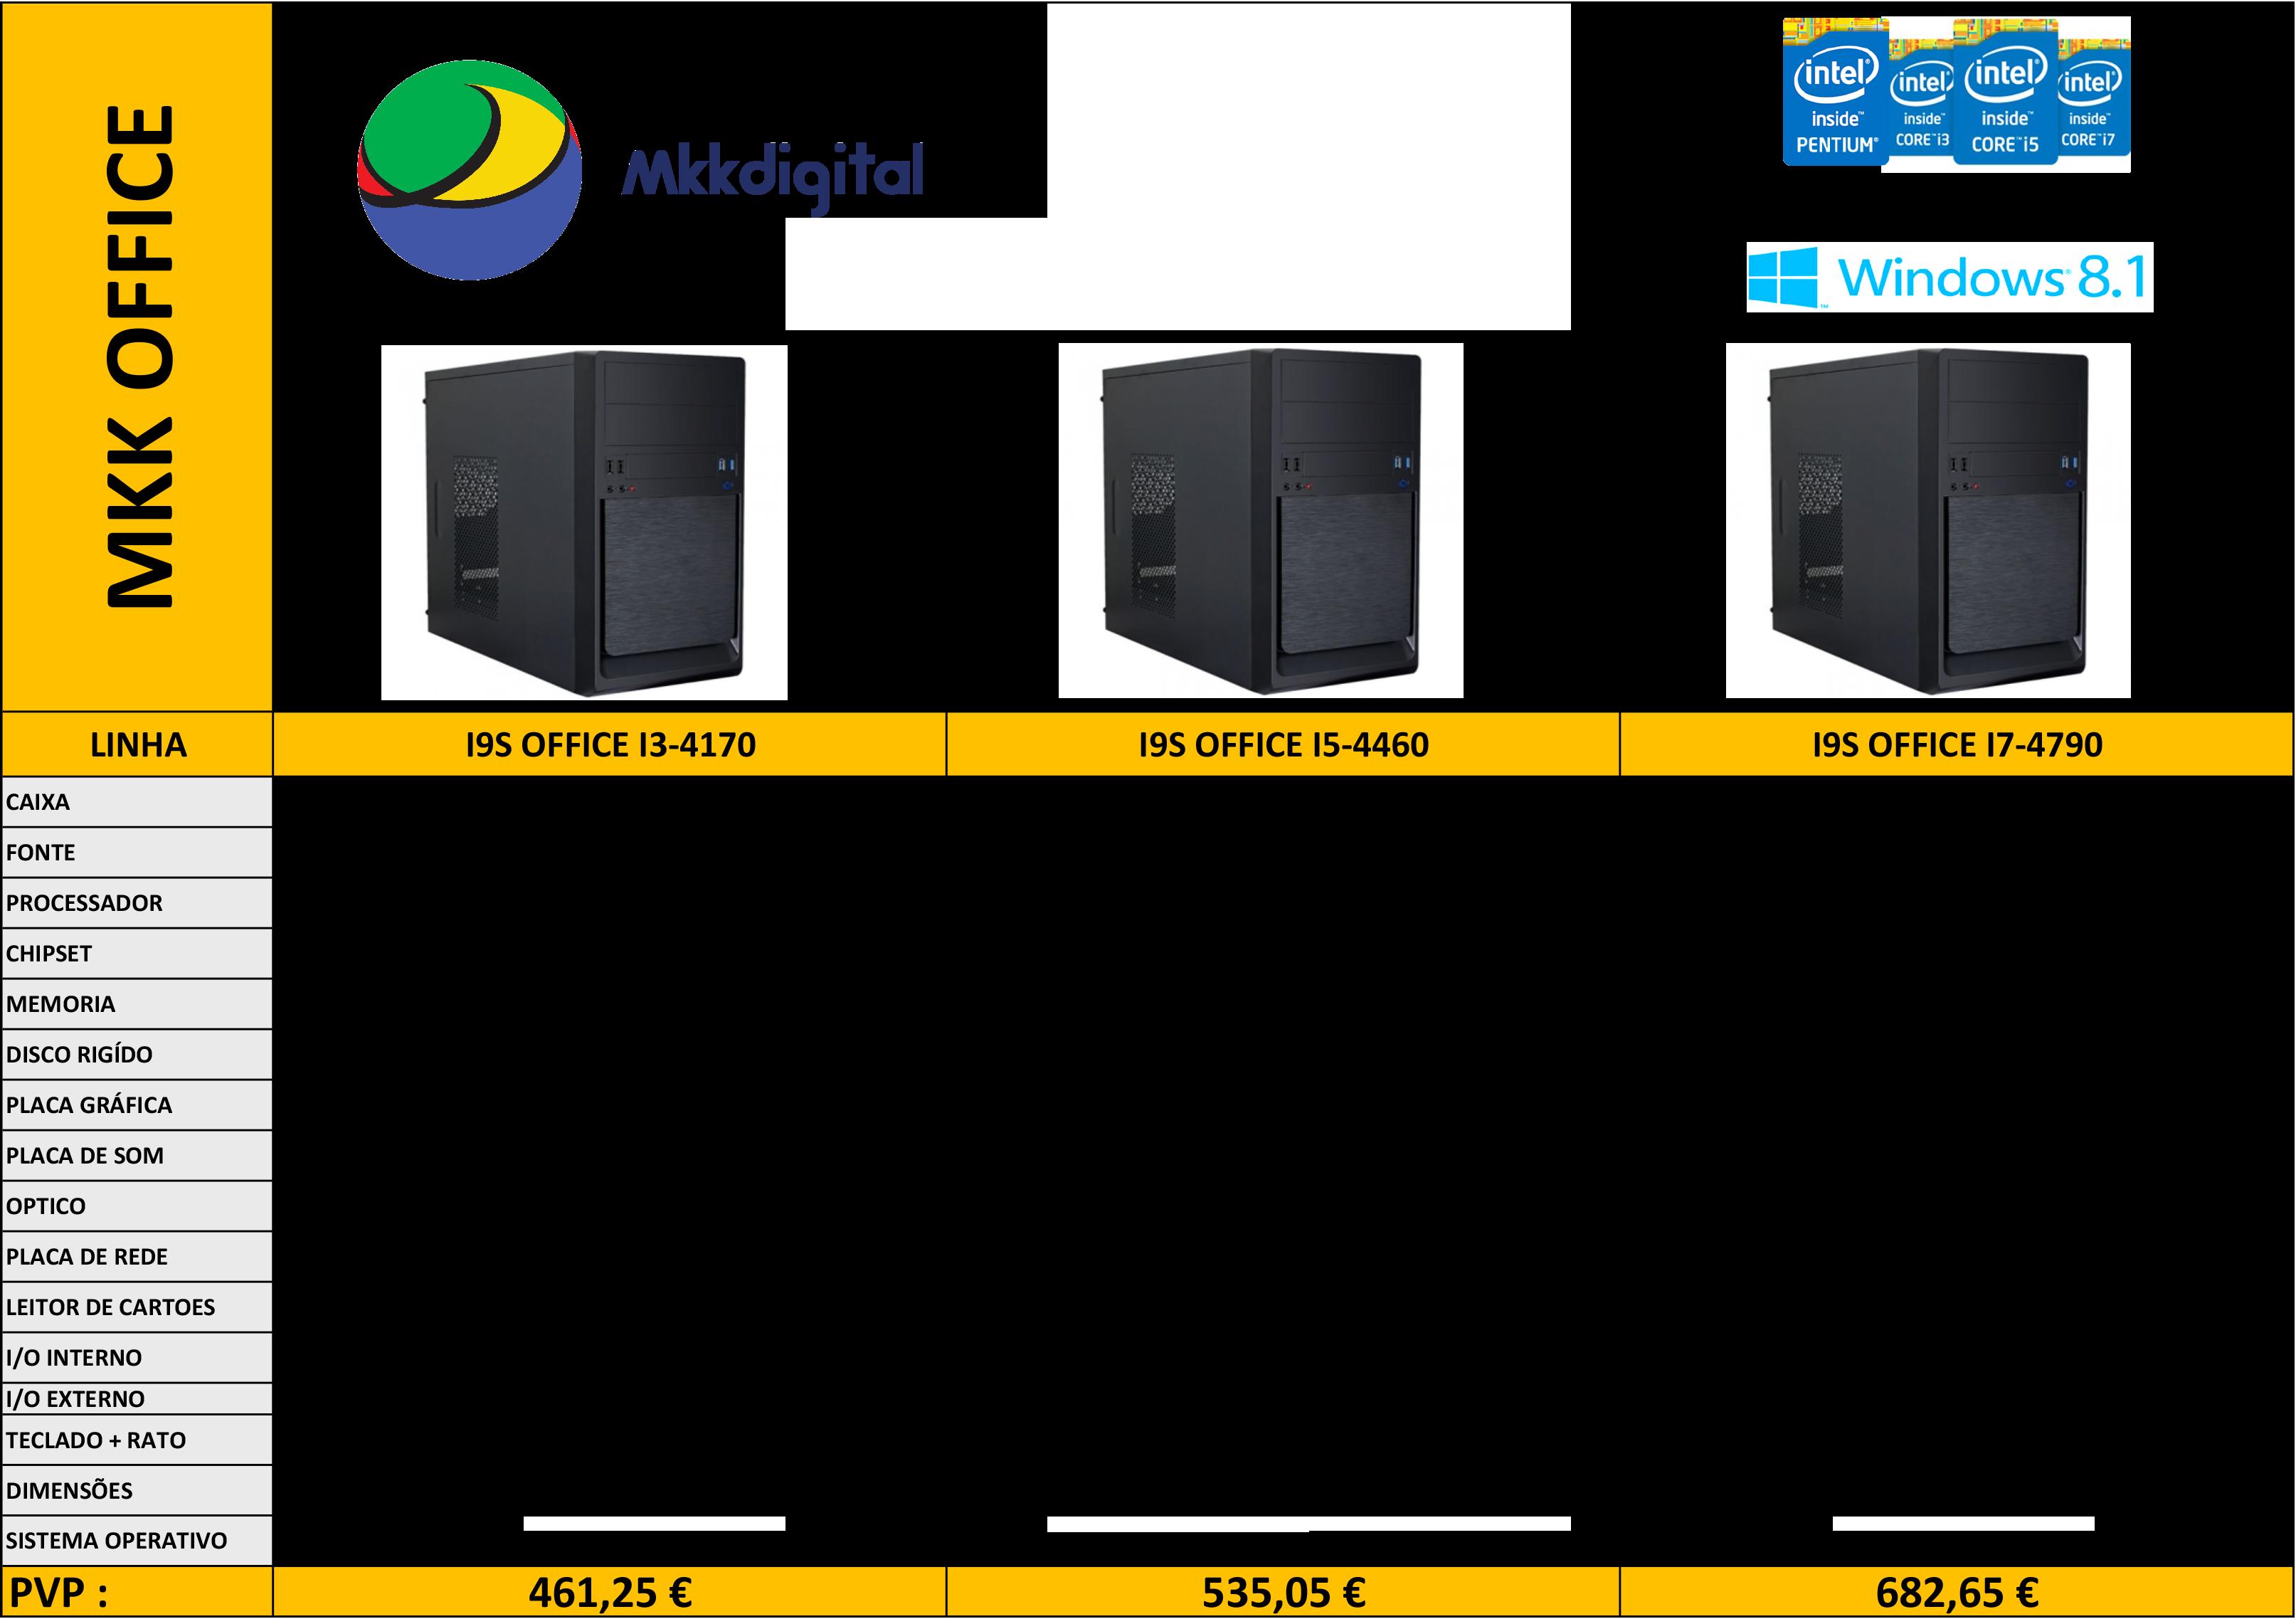 Tabela de Computadores I9S - Junho 20154